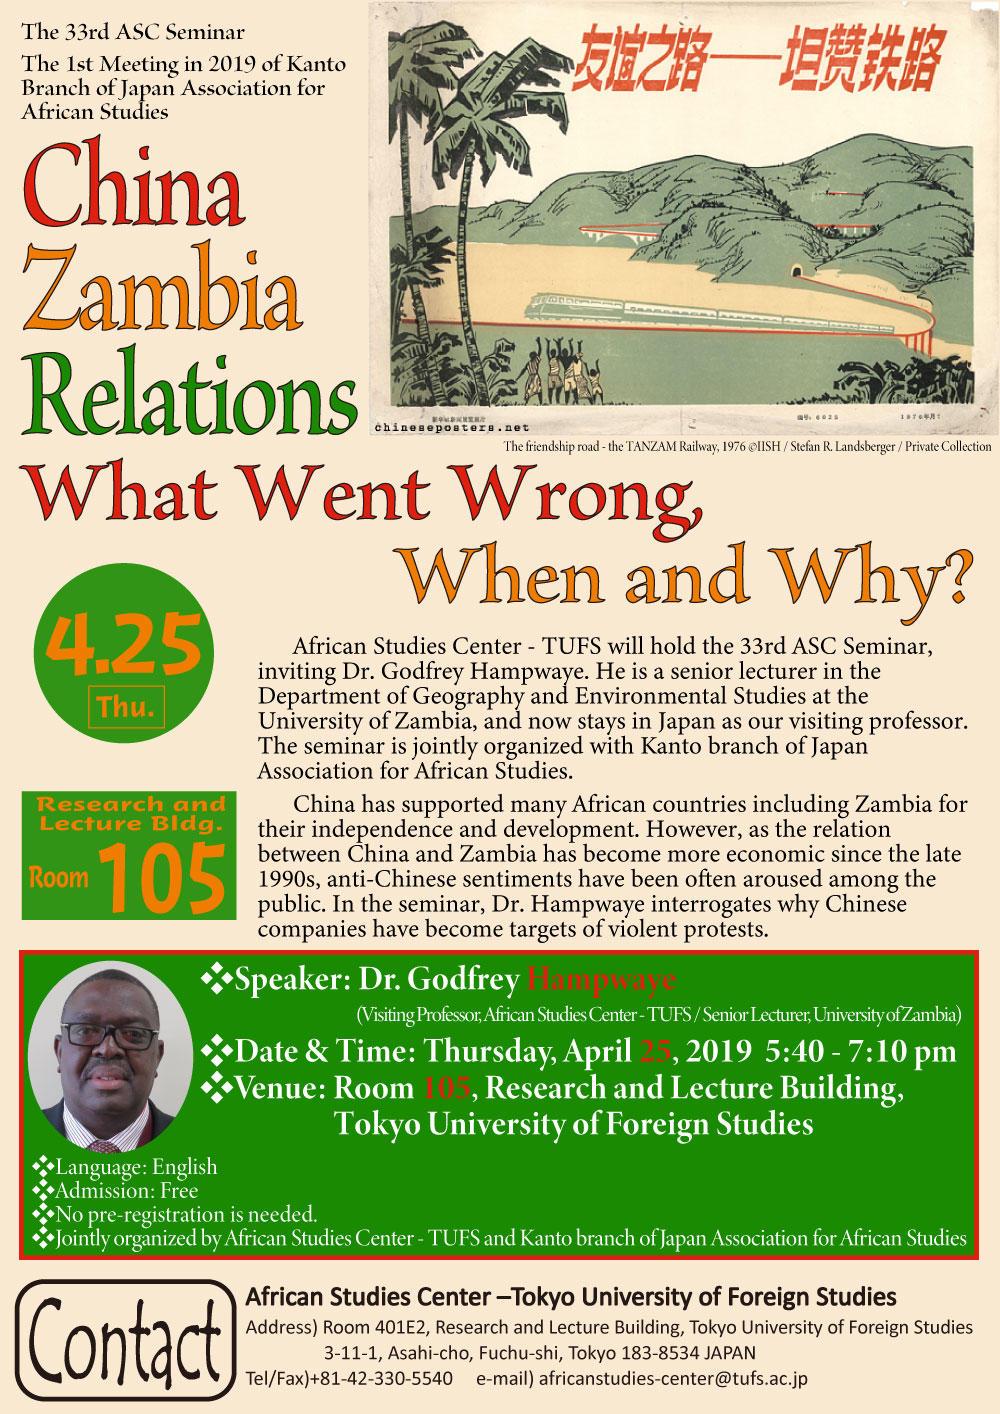 中国-ザンビア関係を考察するセミナーを開催します